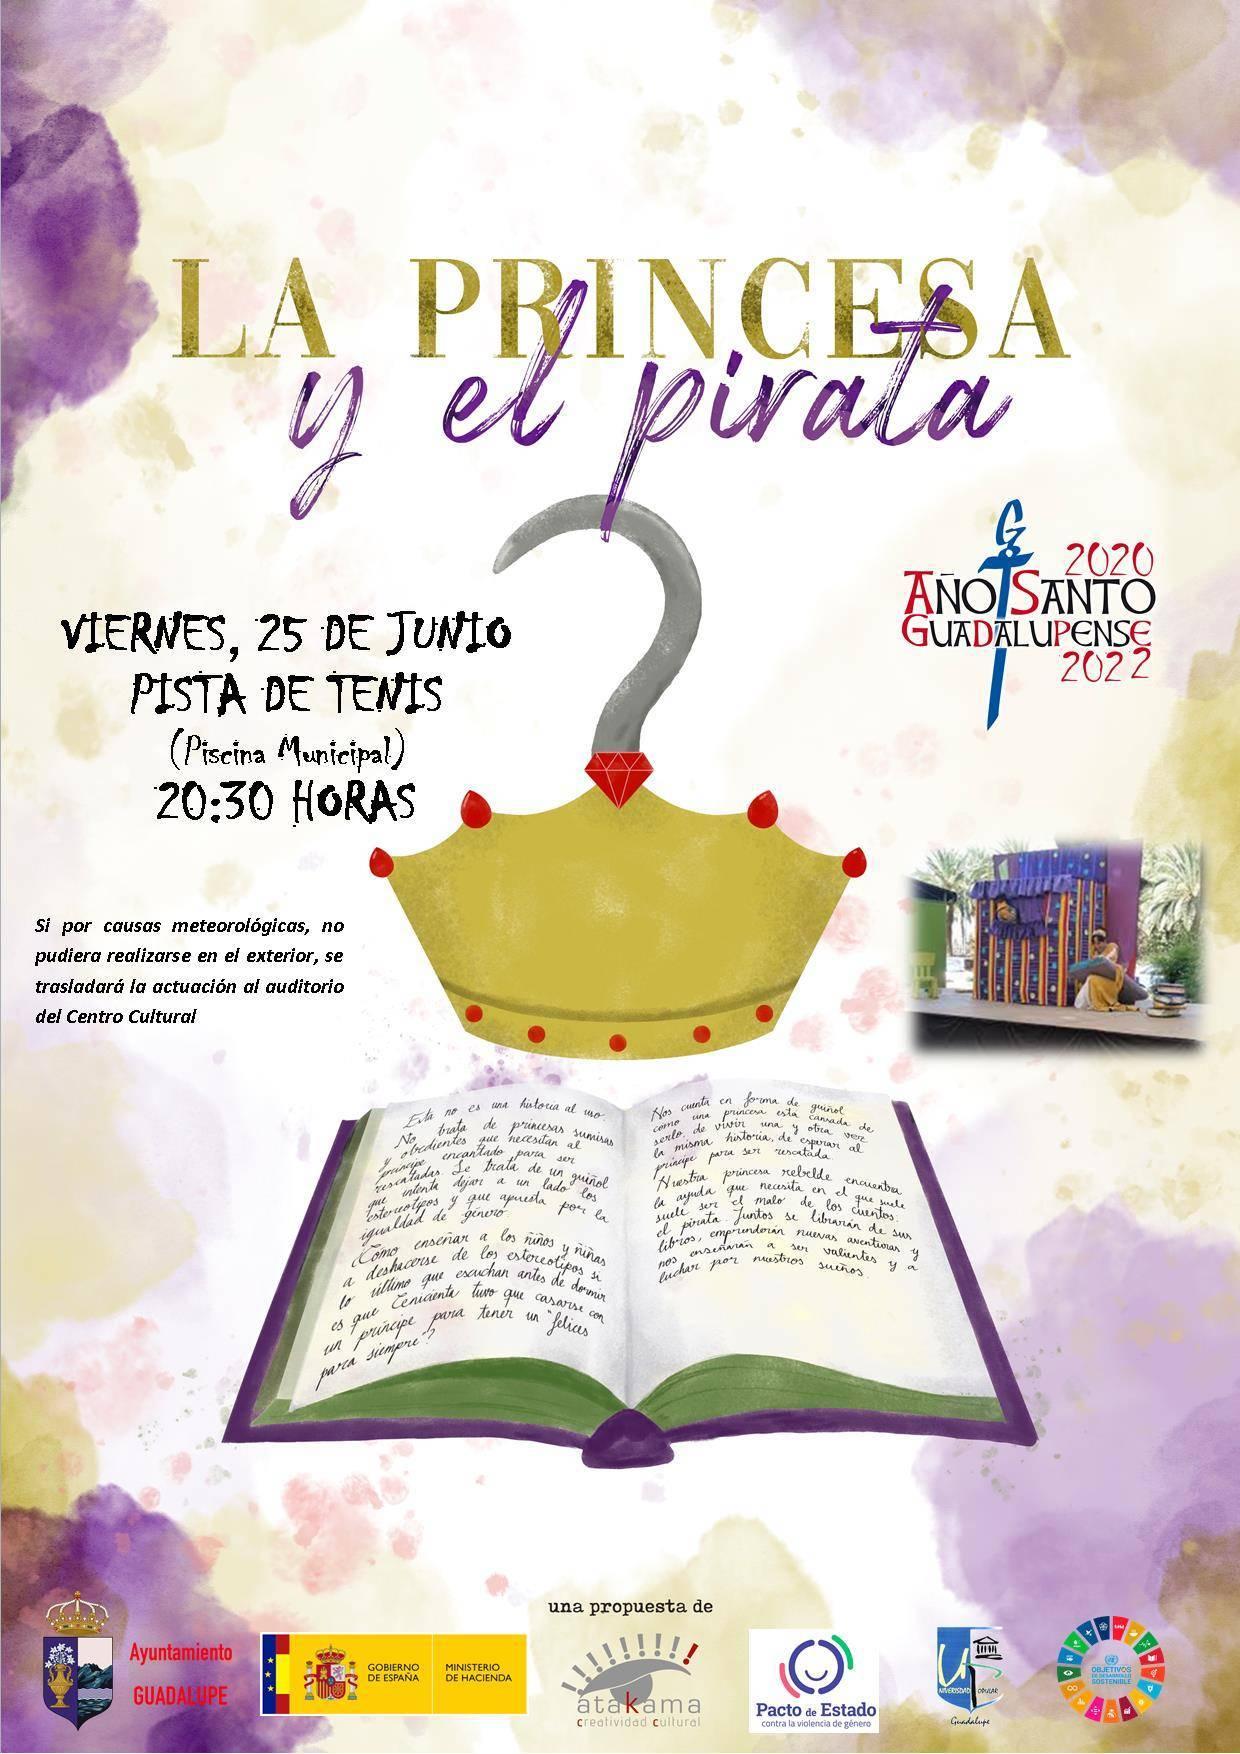 La princesa y el pirata (2021) - Guadalupe (Cáceres)